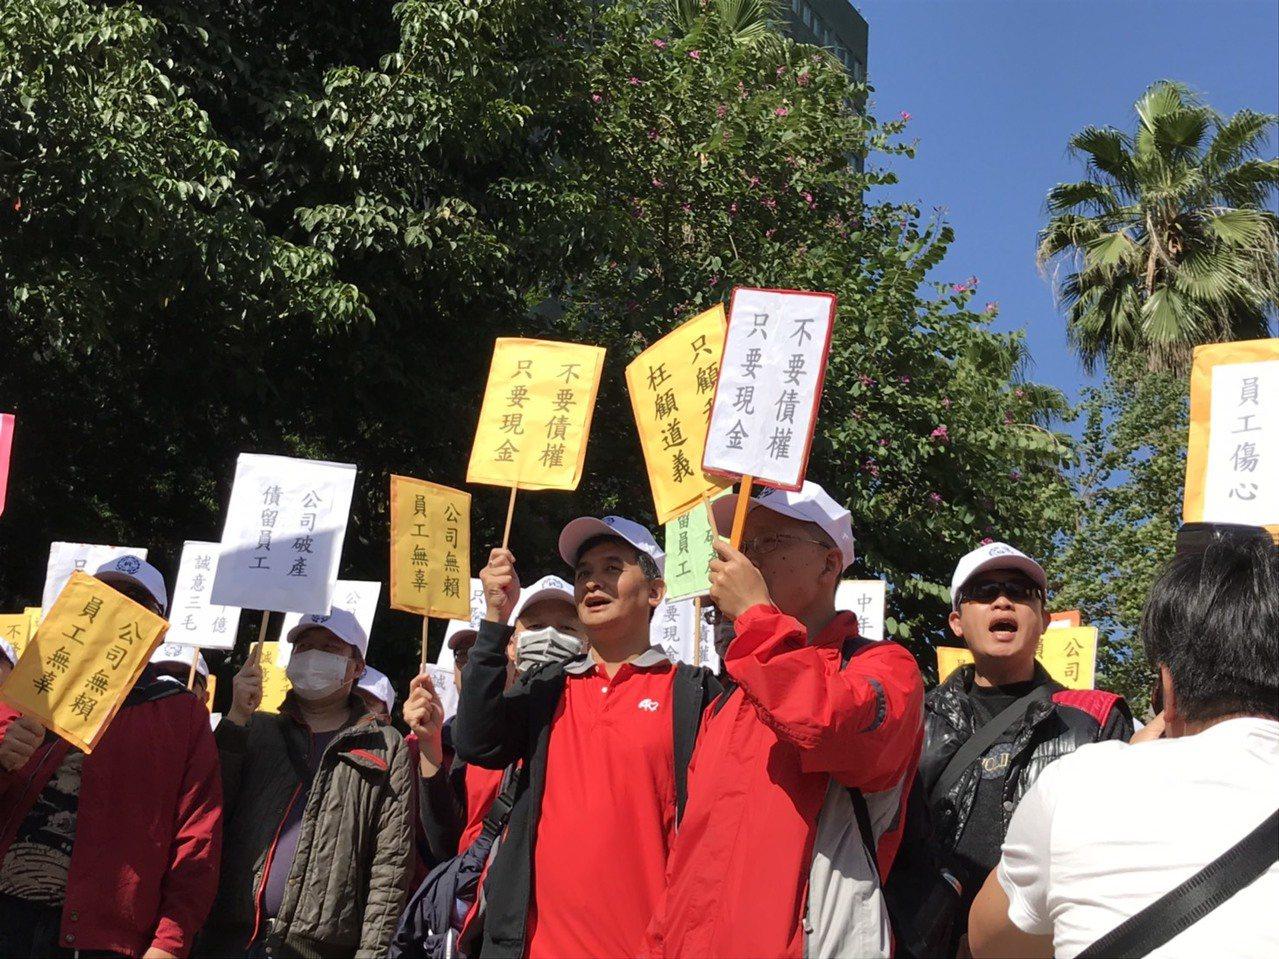 華映被資遣員工遭欠薪,走上街頭呼籲母公司大同出面解決問題。記者蔡銘仁/攝影